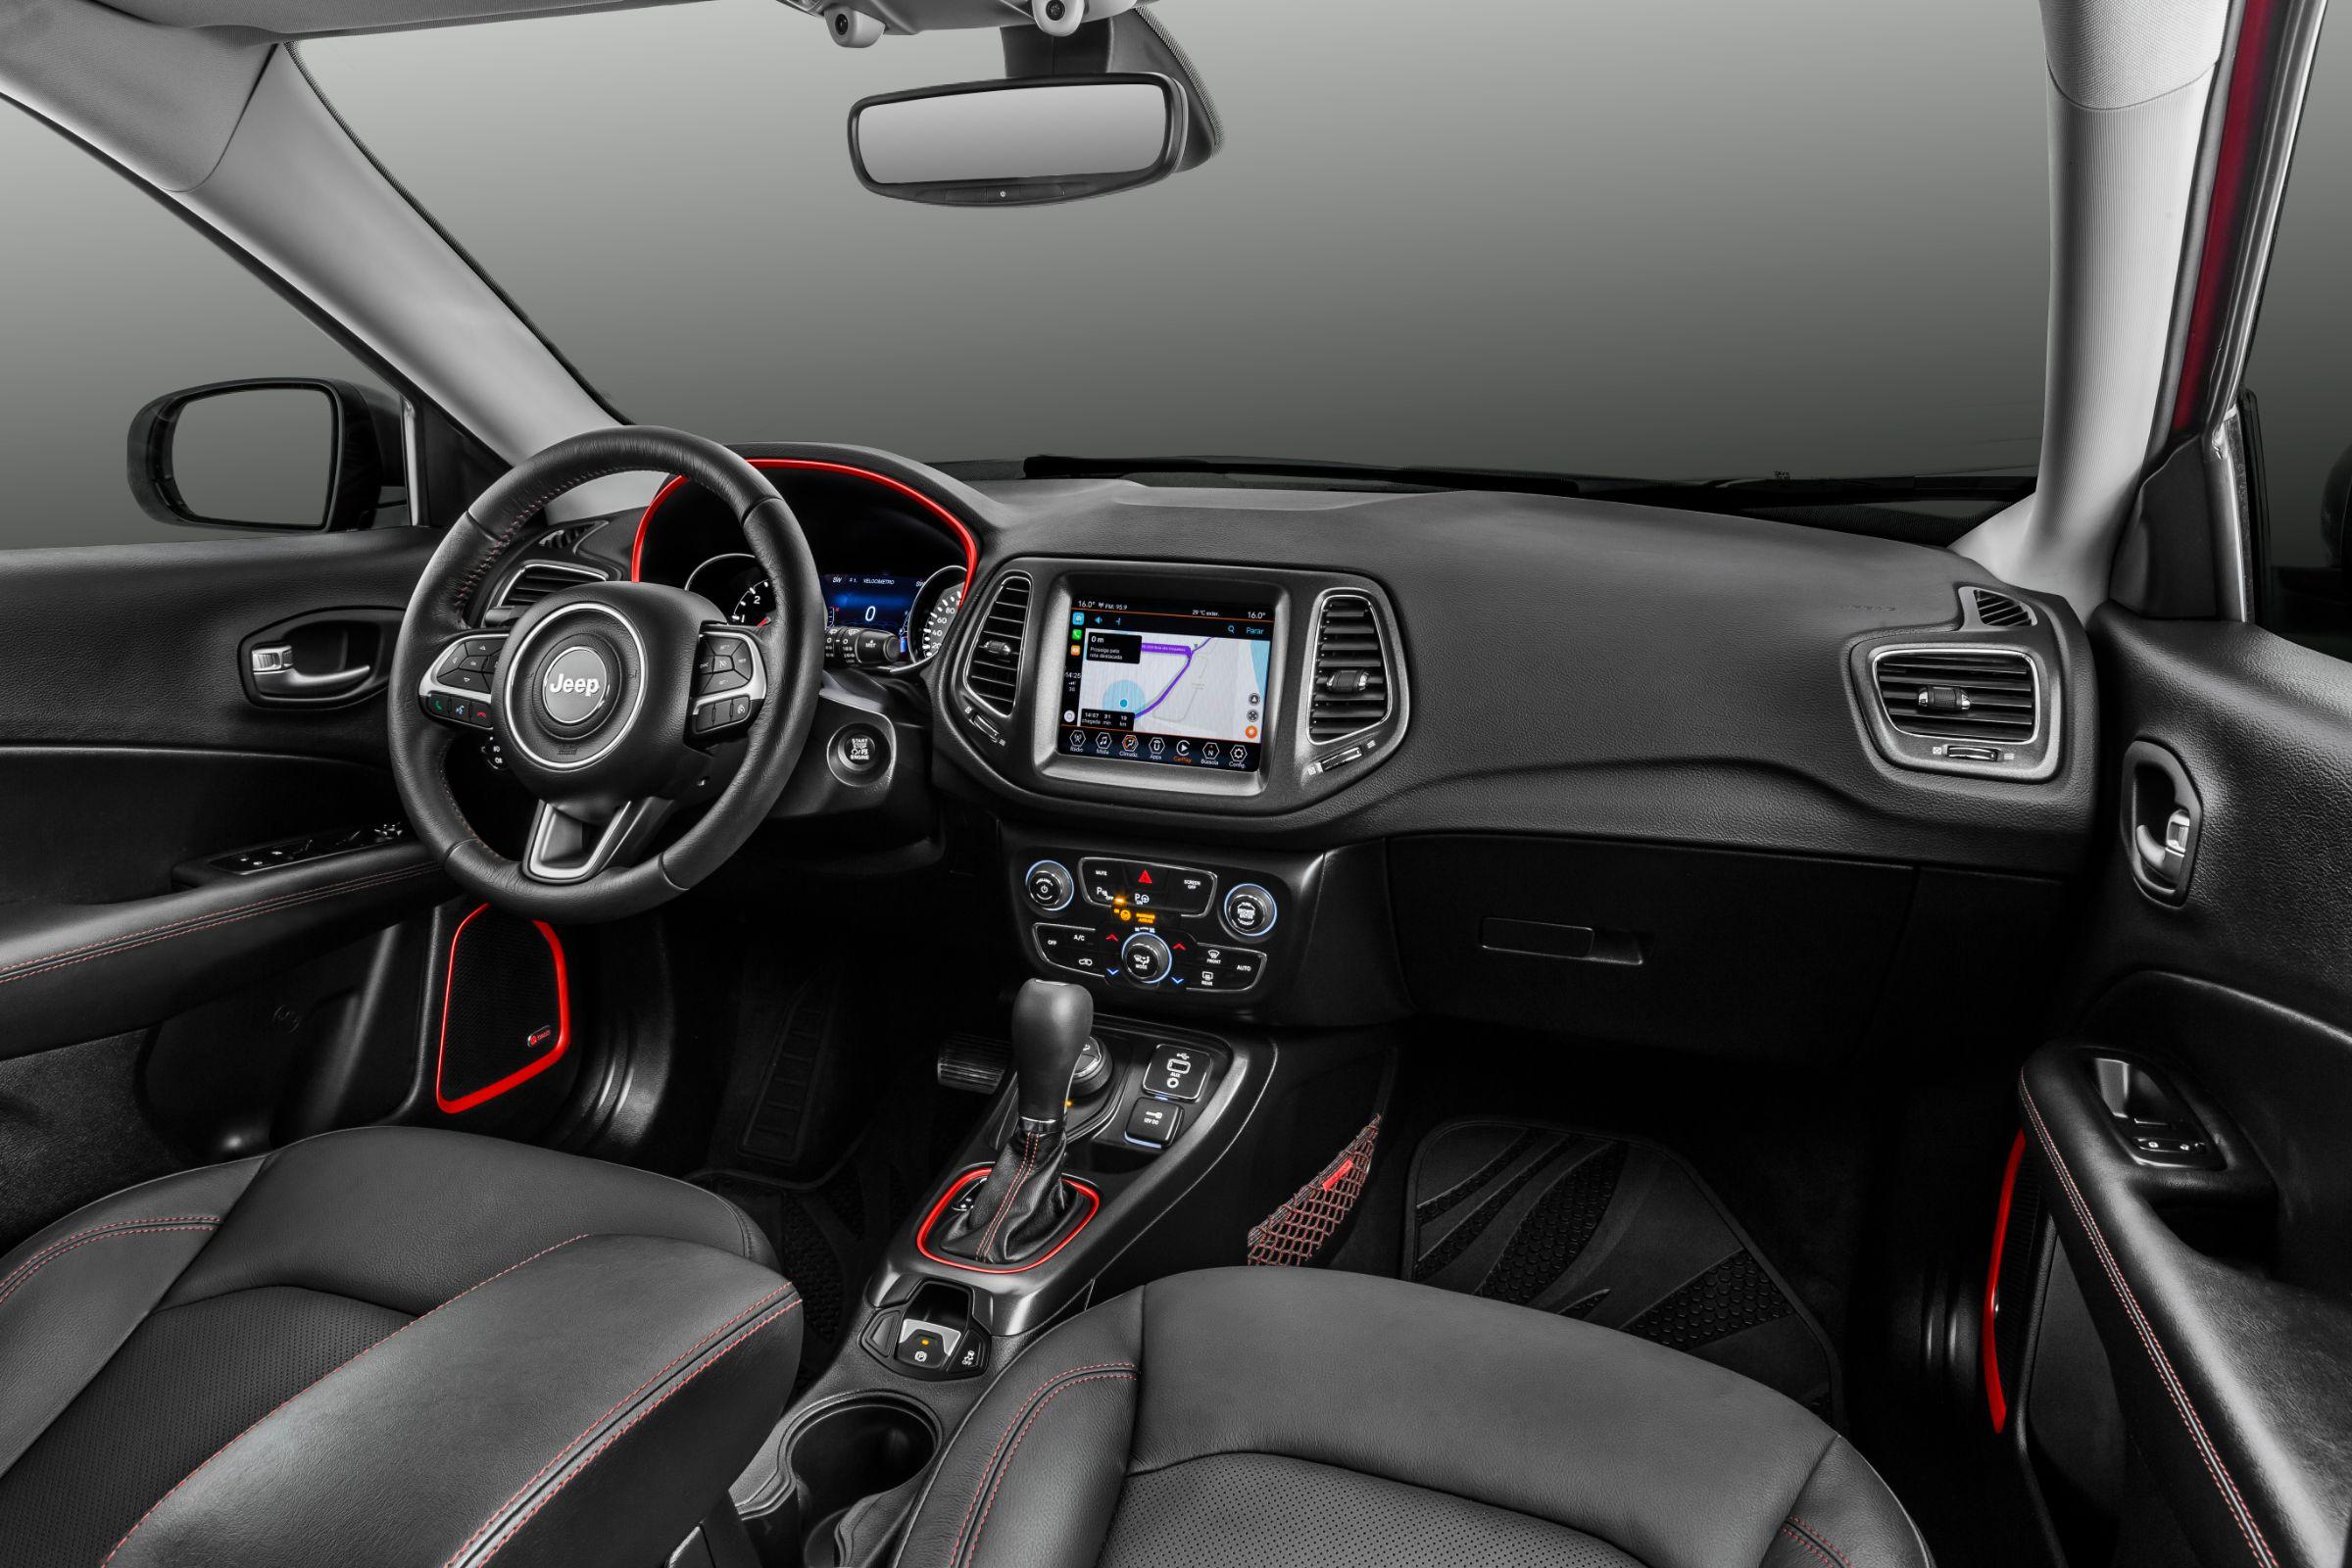 A FCA apresentou o Jeep Compass 2019. O SUV está mais caro, mas ganhou equipamentos em todas as versões. Motorização não sofreu alterações.